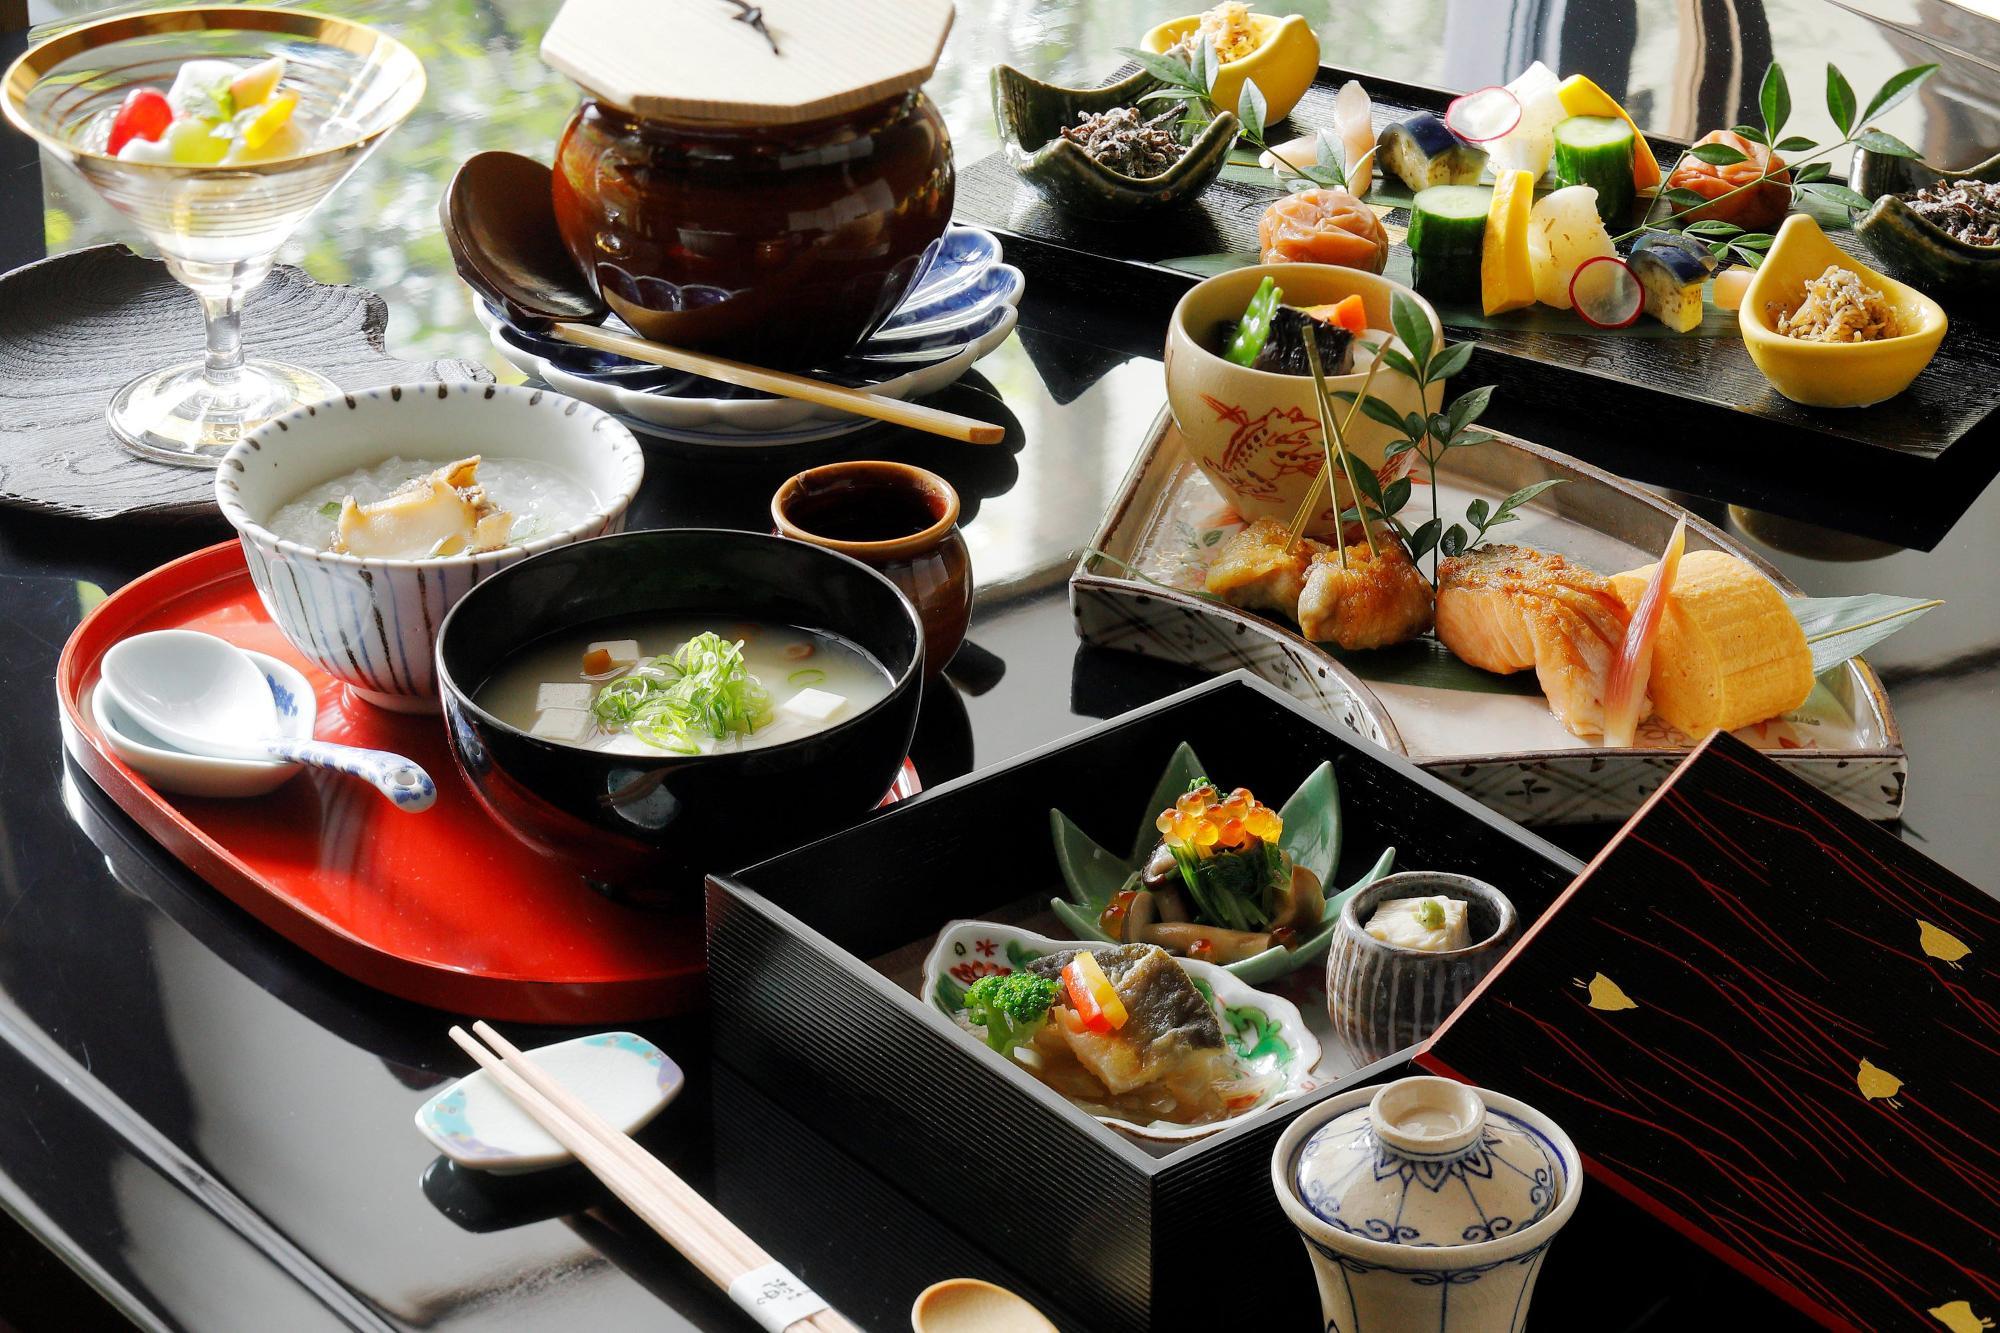 地元の食材を和洋にアレンジした特別朝食「京の朝ごはん」 京都ブライトンホテル提供